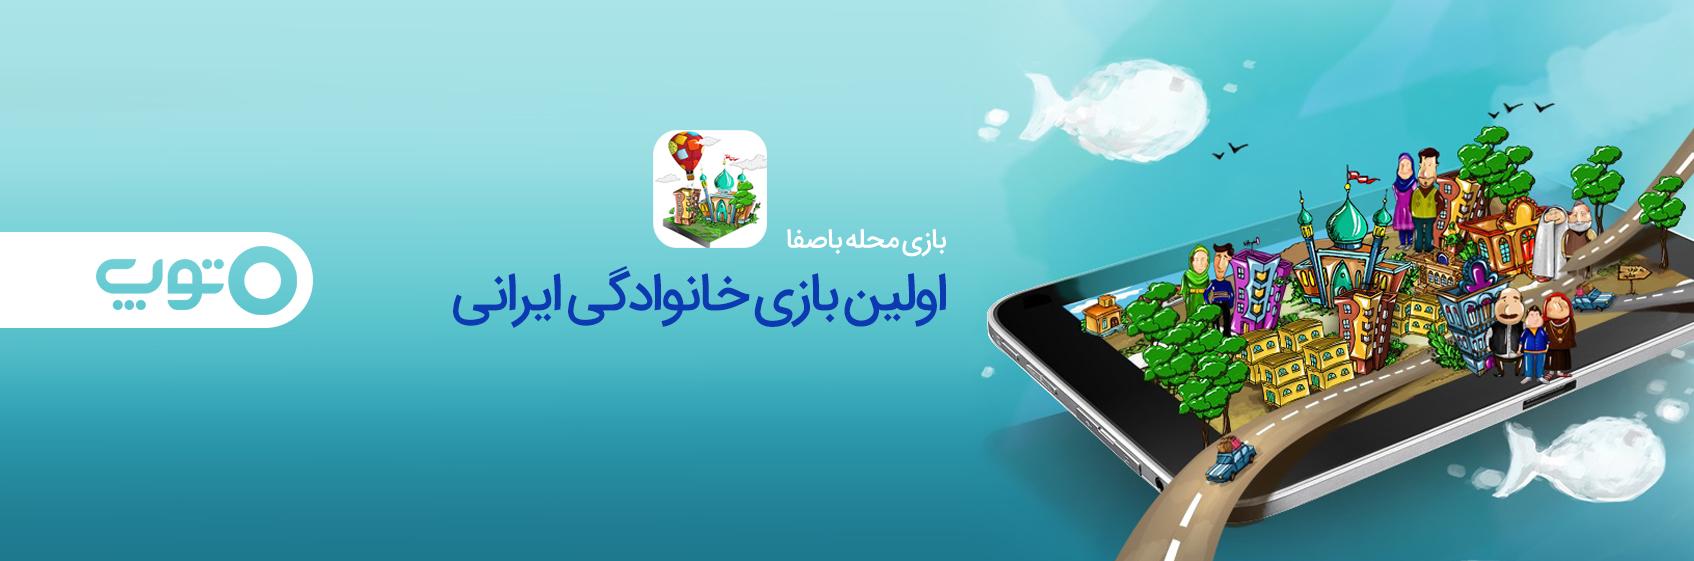 محله باصفا: اولین بازی خانوادگی ایرانی